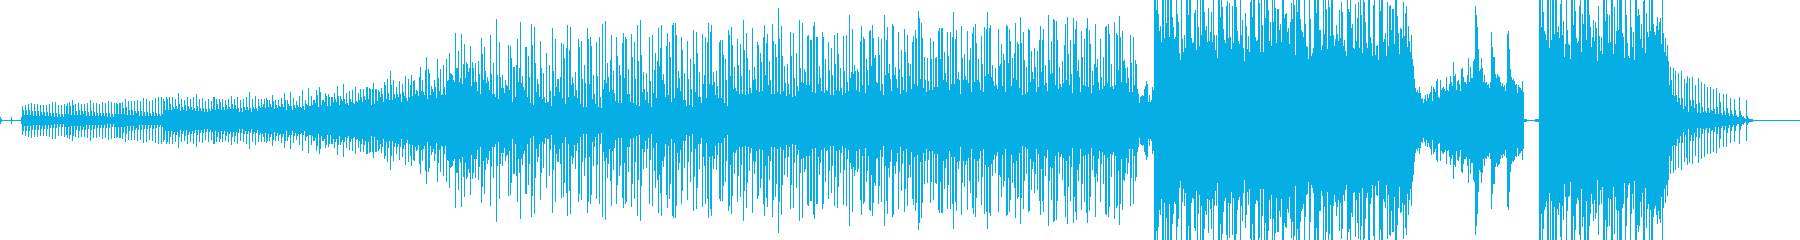 深夜1人で聞いてはいけないBGMの再生済みの波形